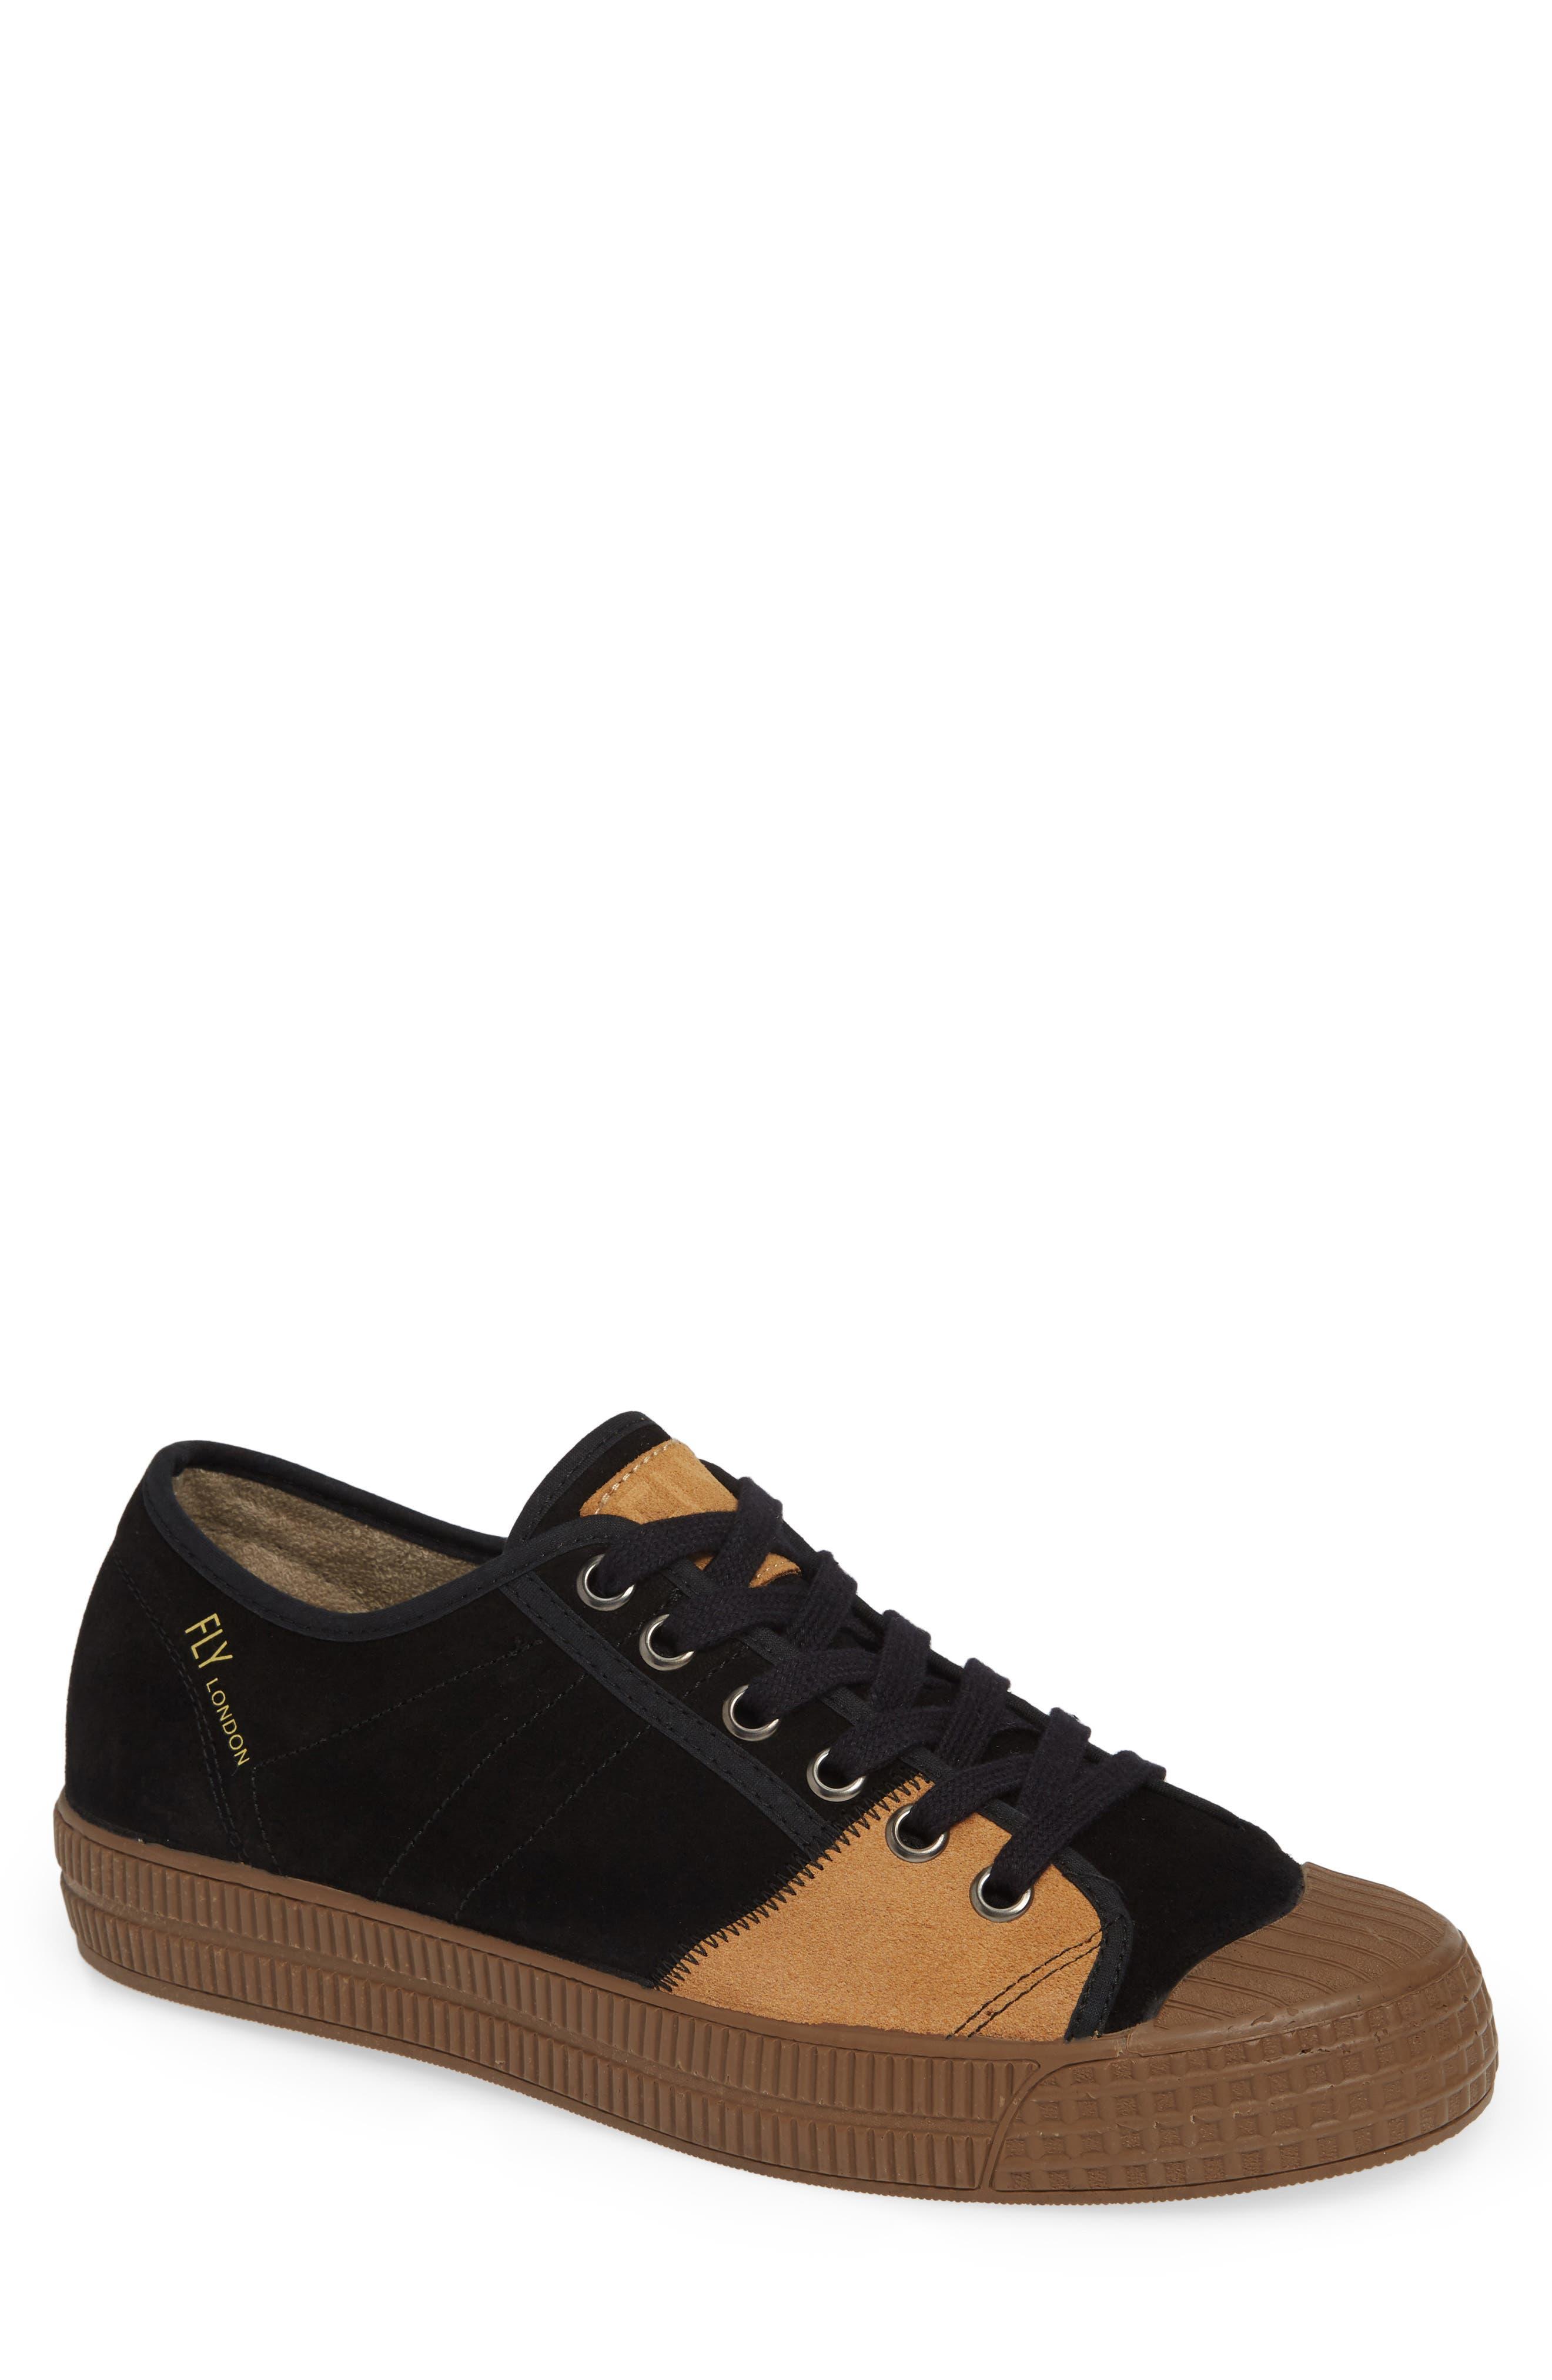 Foto Sneaker,                         Main,                         color, BLACK/ CAMEL SUEDE